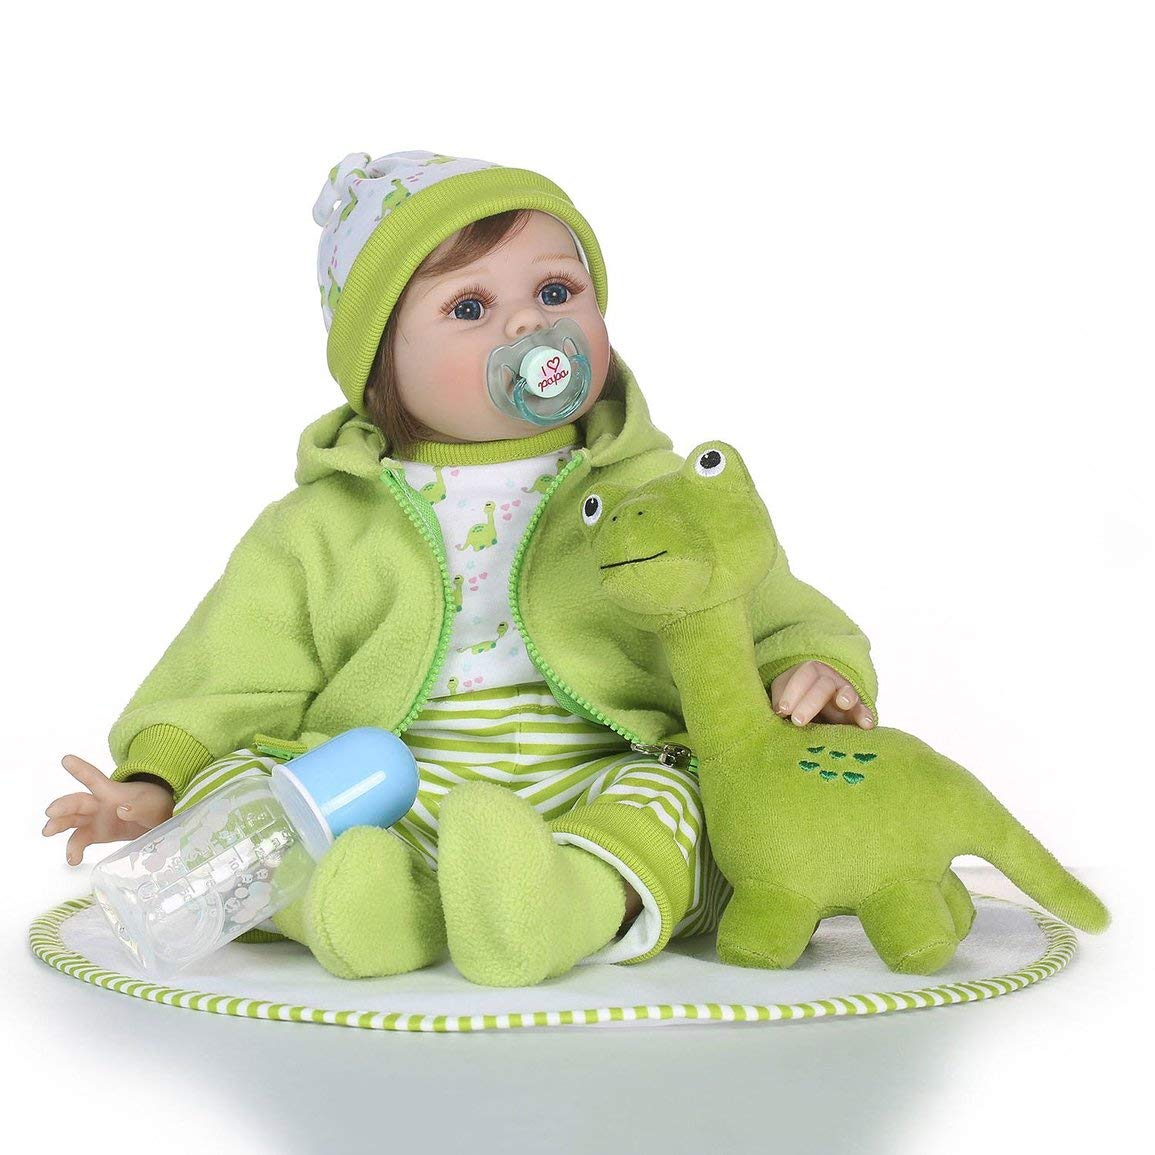 Fantasyworld 21 Pollici Baby Doll di Simulazione Morbido Silicone realistica Neonato Bambola Giocattolo Reborn Doll Playmate Regalo Giocattoli Baby Doll